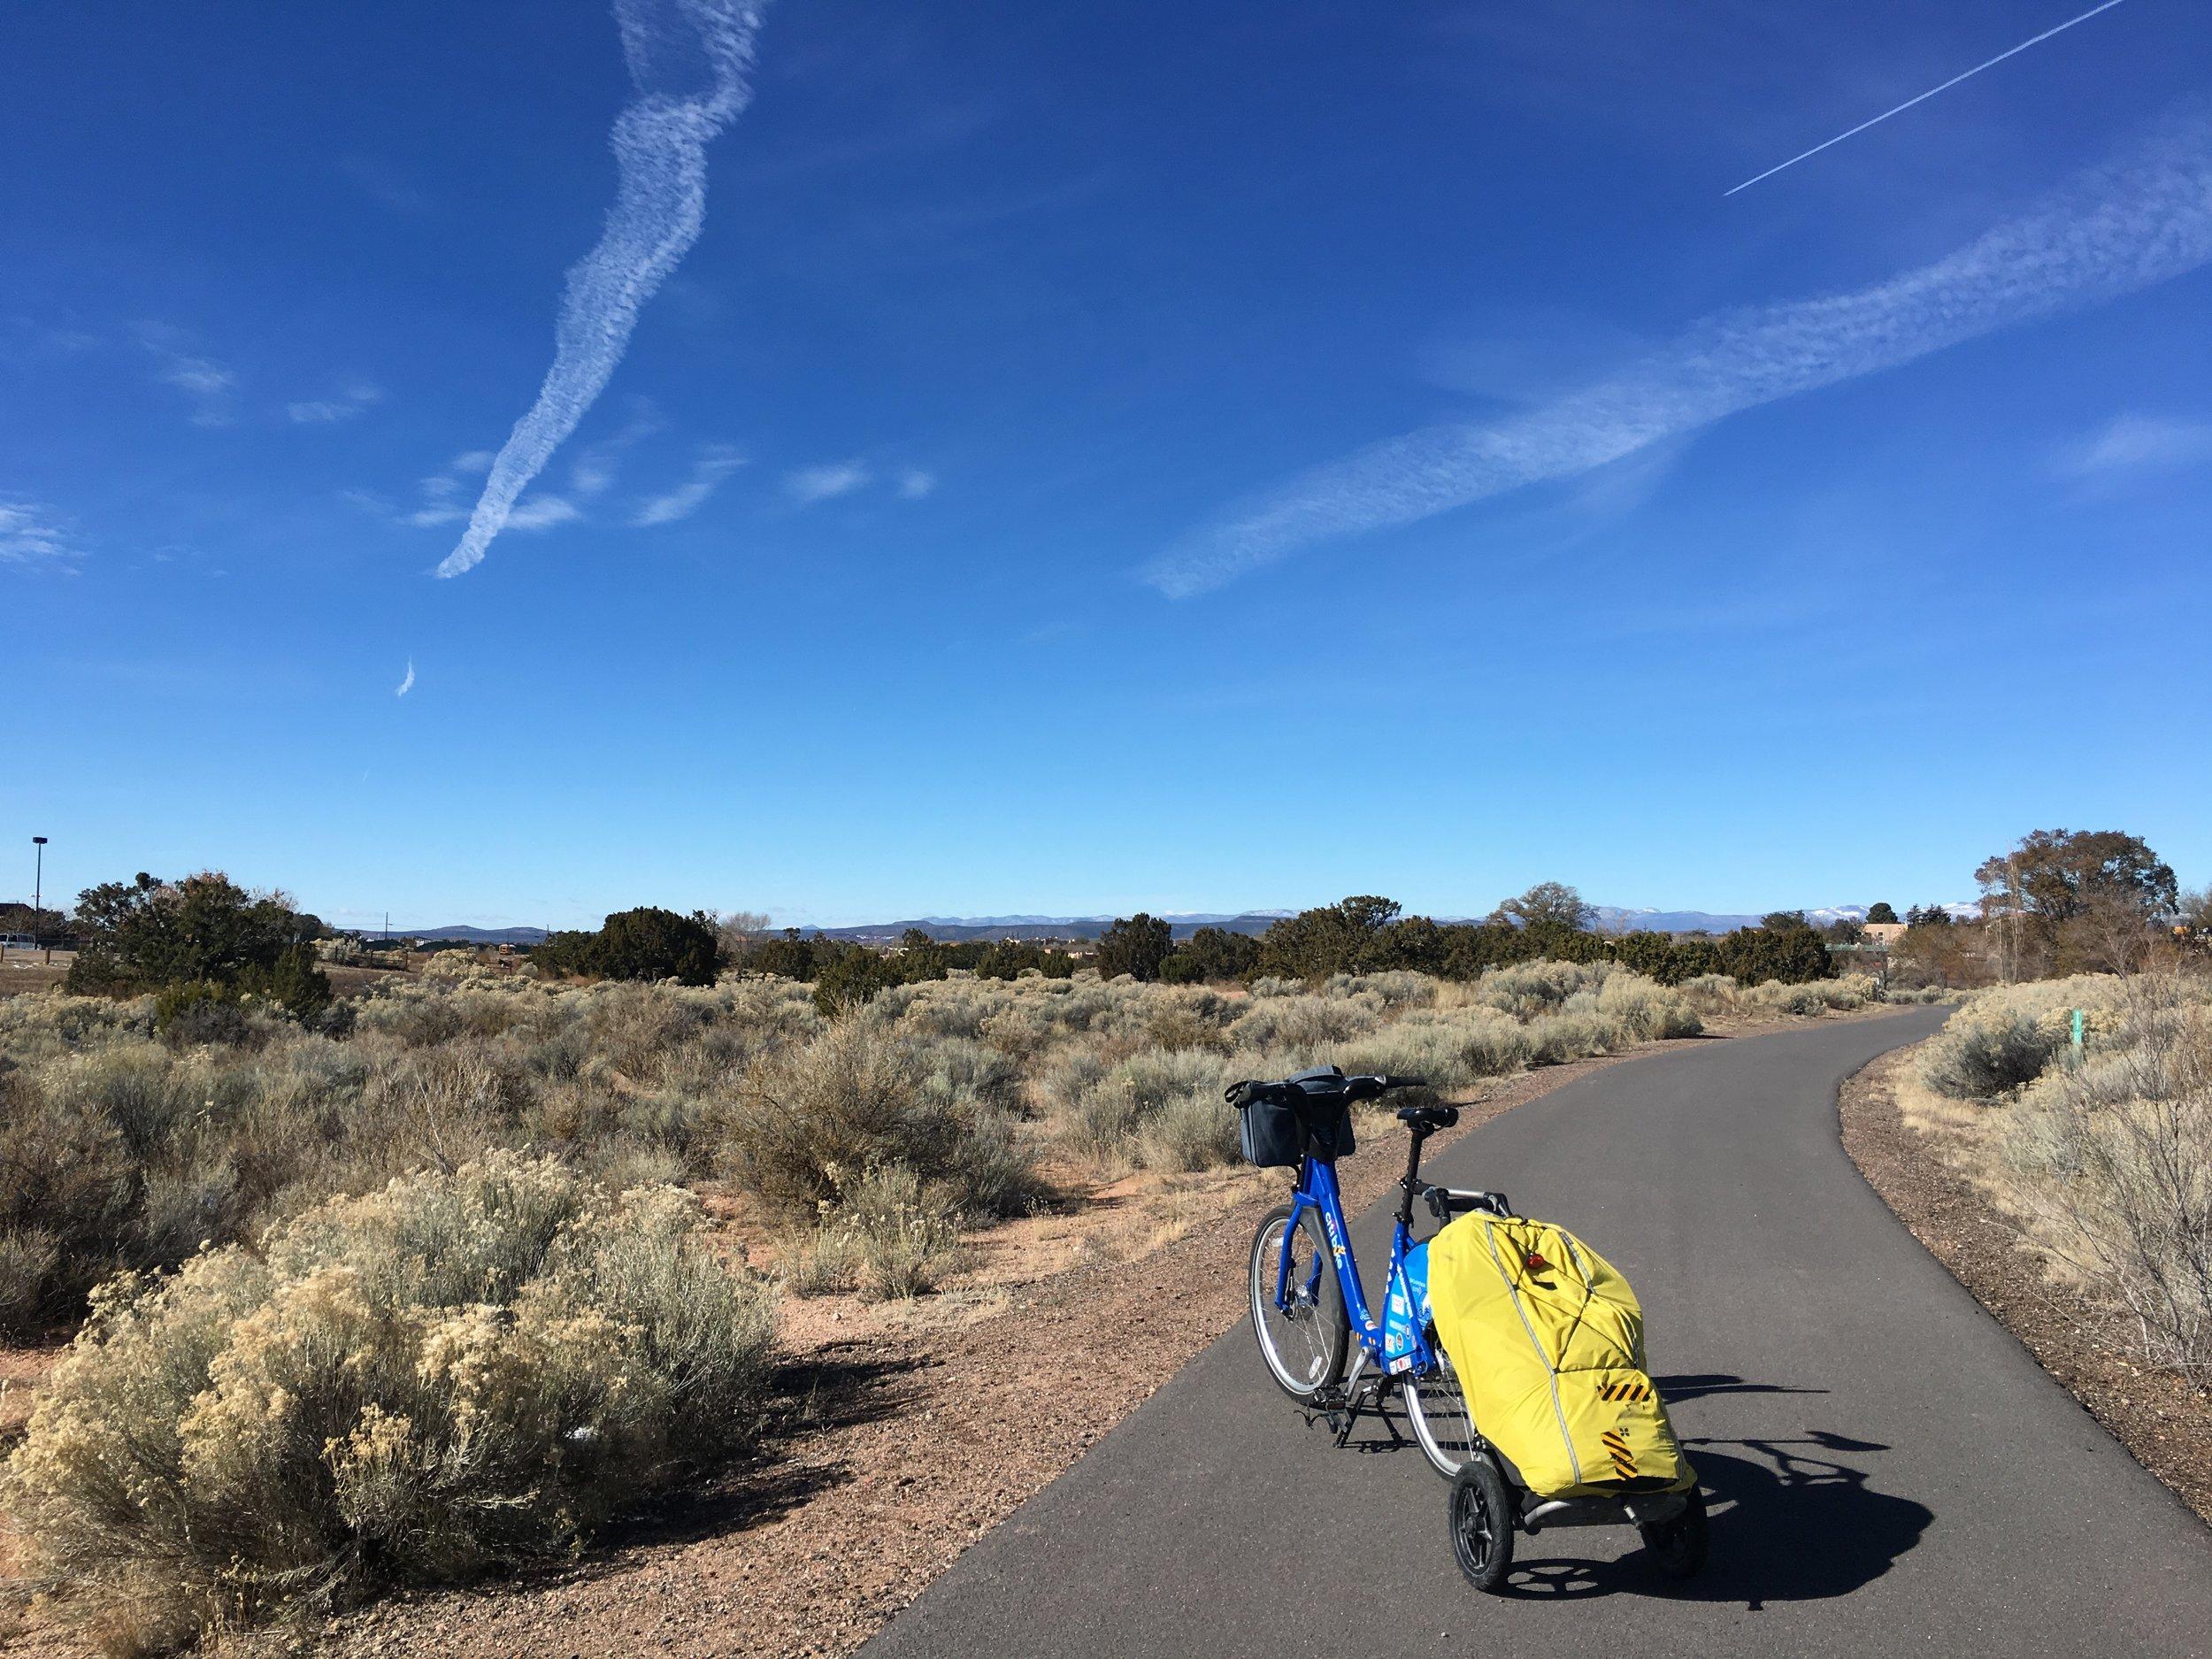 Leaving Santa Fe on a bike trail